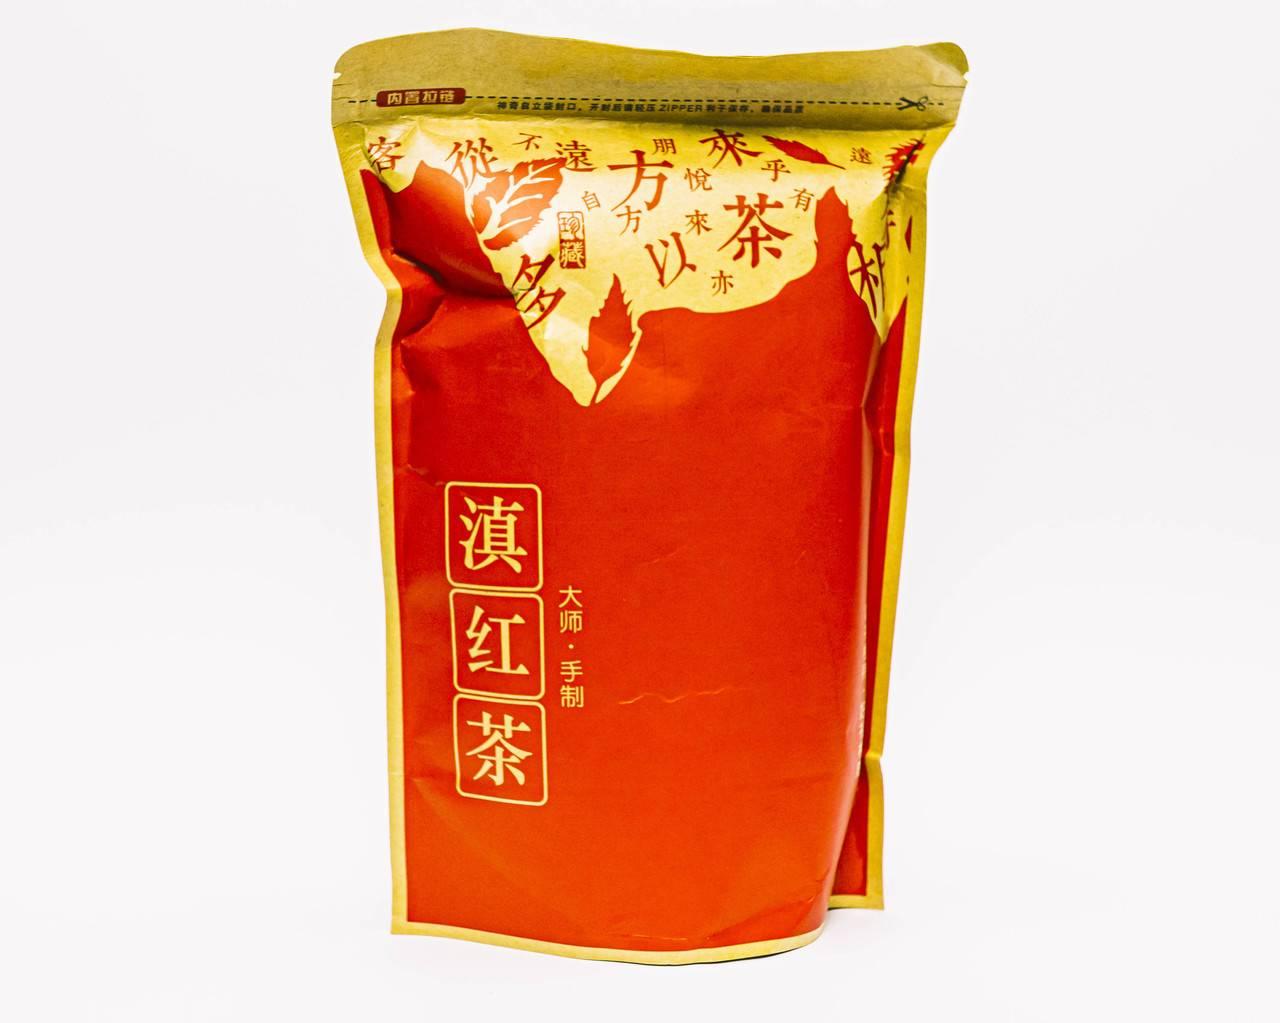 Чай красный дянь хун d 50 гр. китай купить в москве